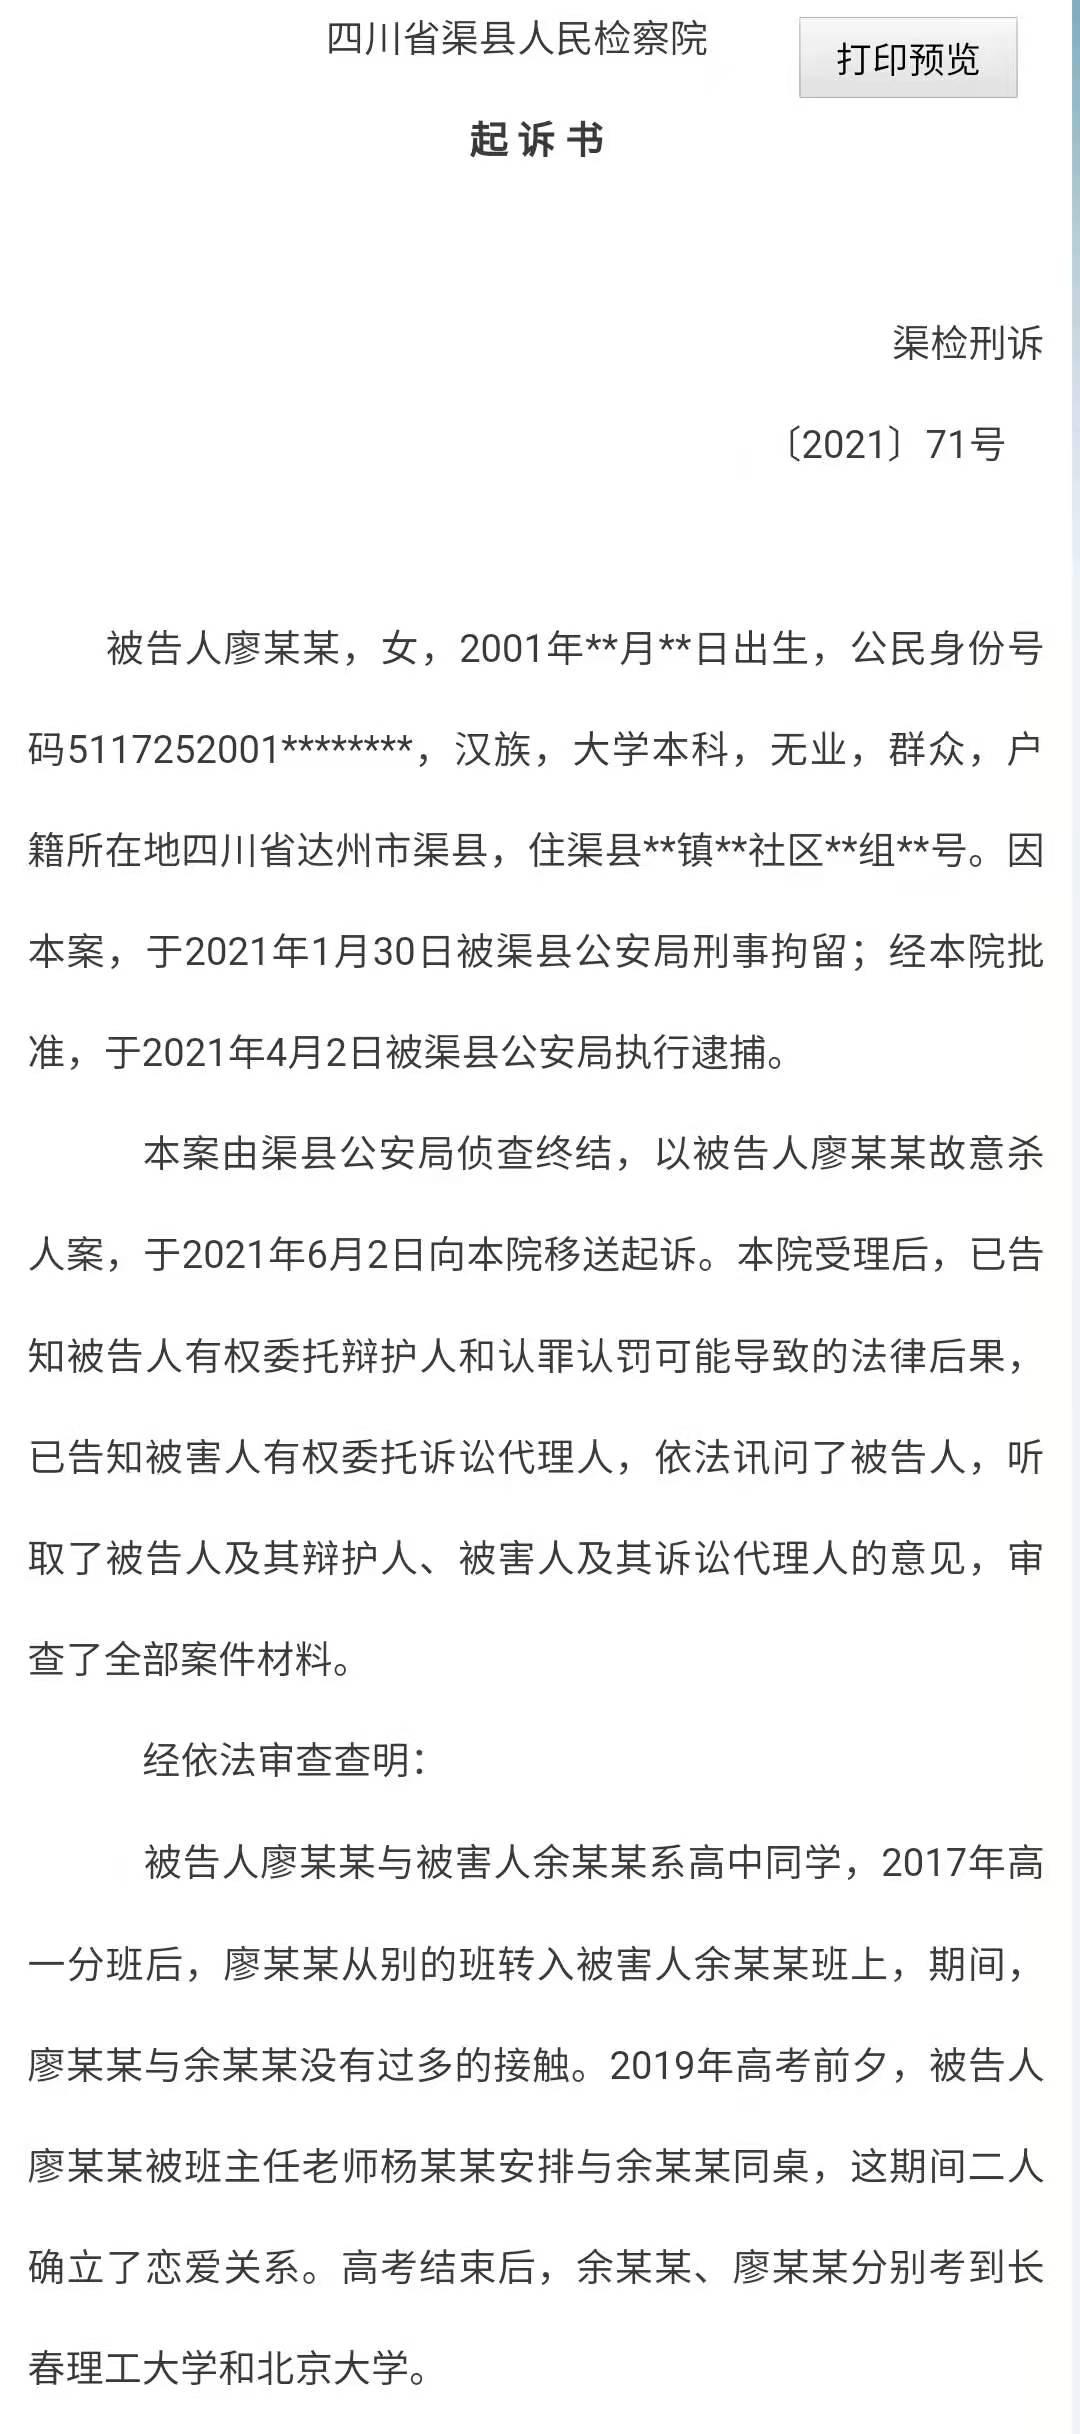 四川省渠县人民检察院起诉书。图源12309中国检察网